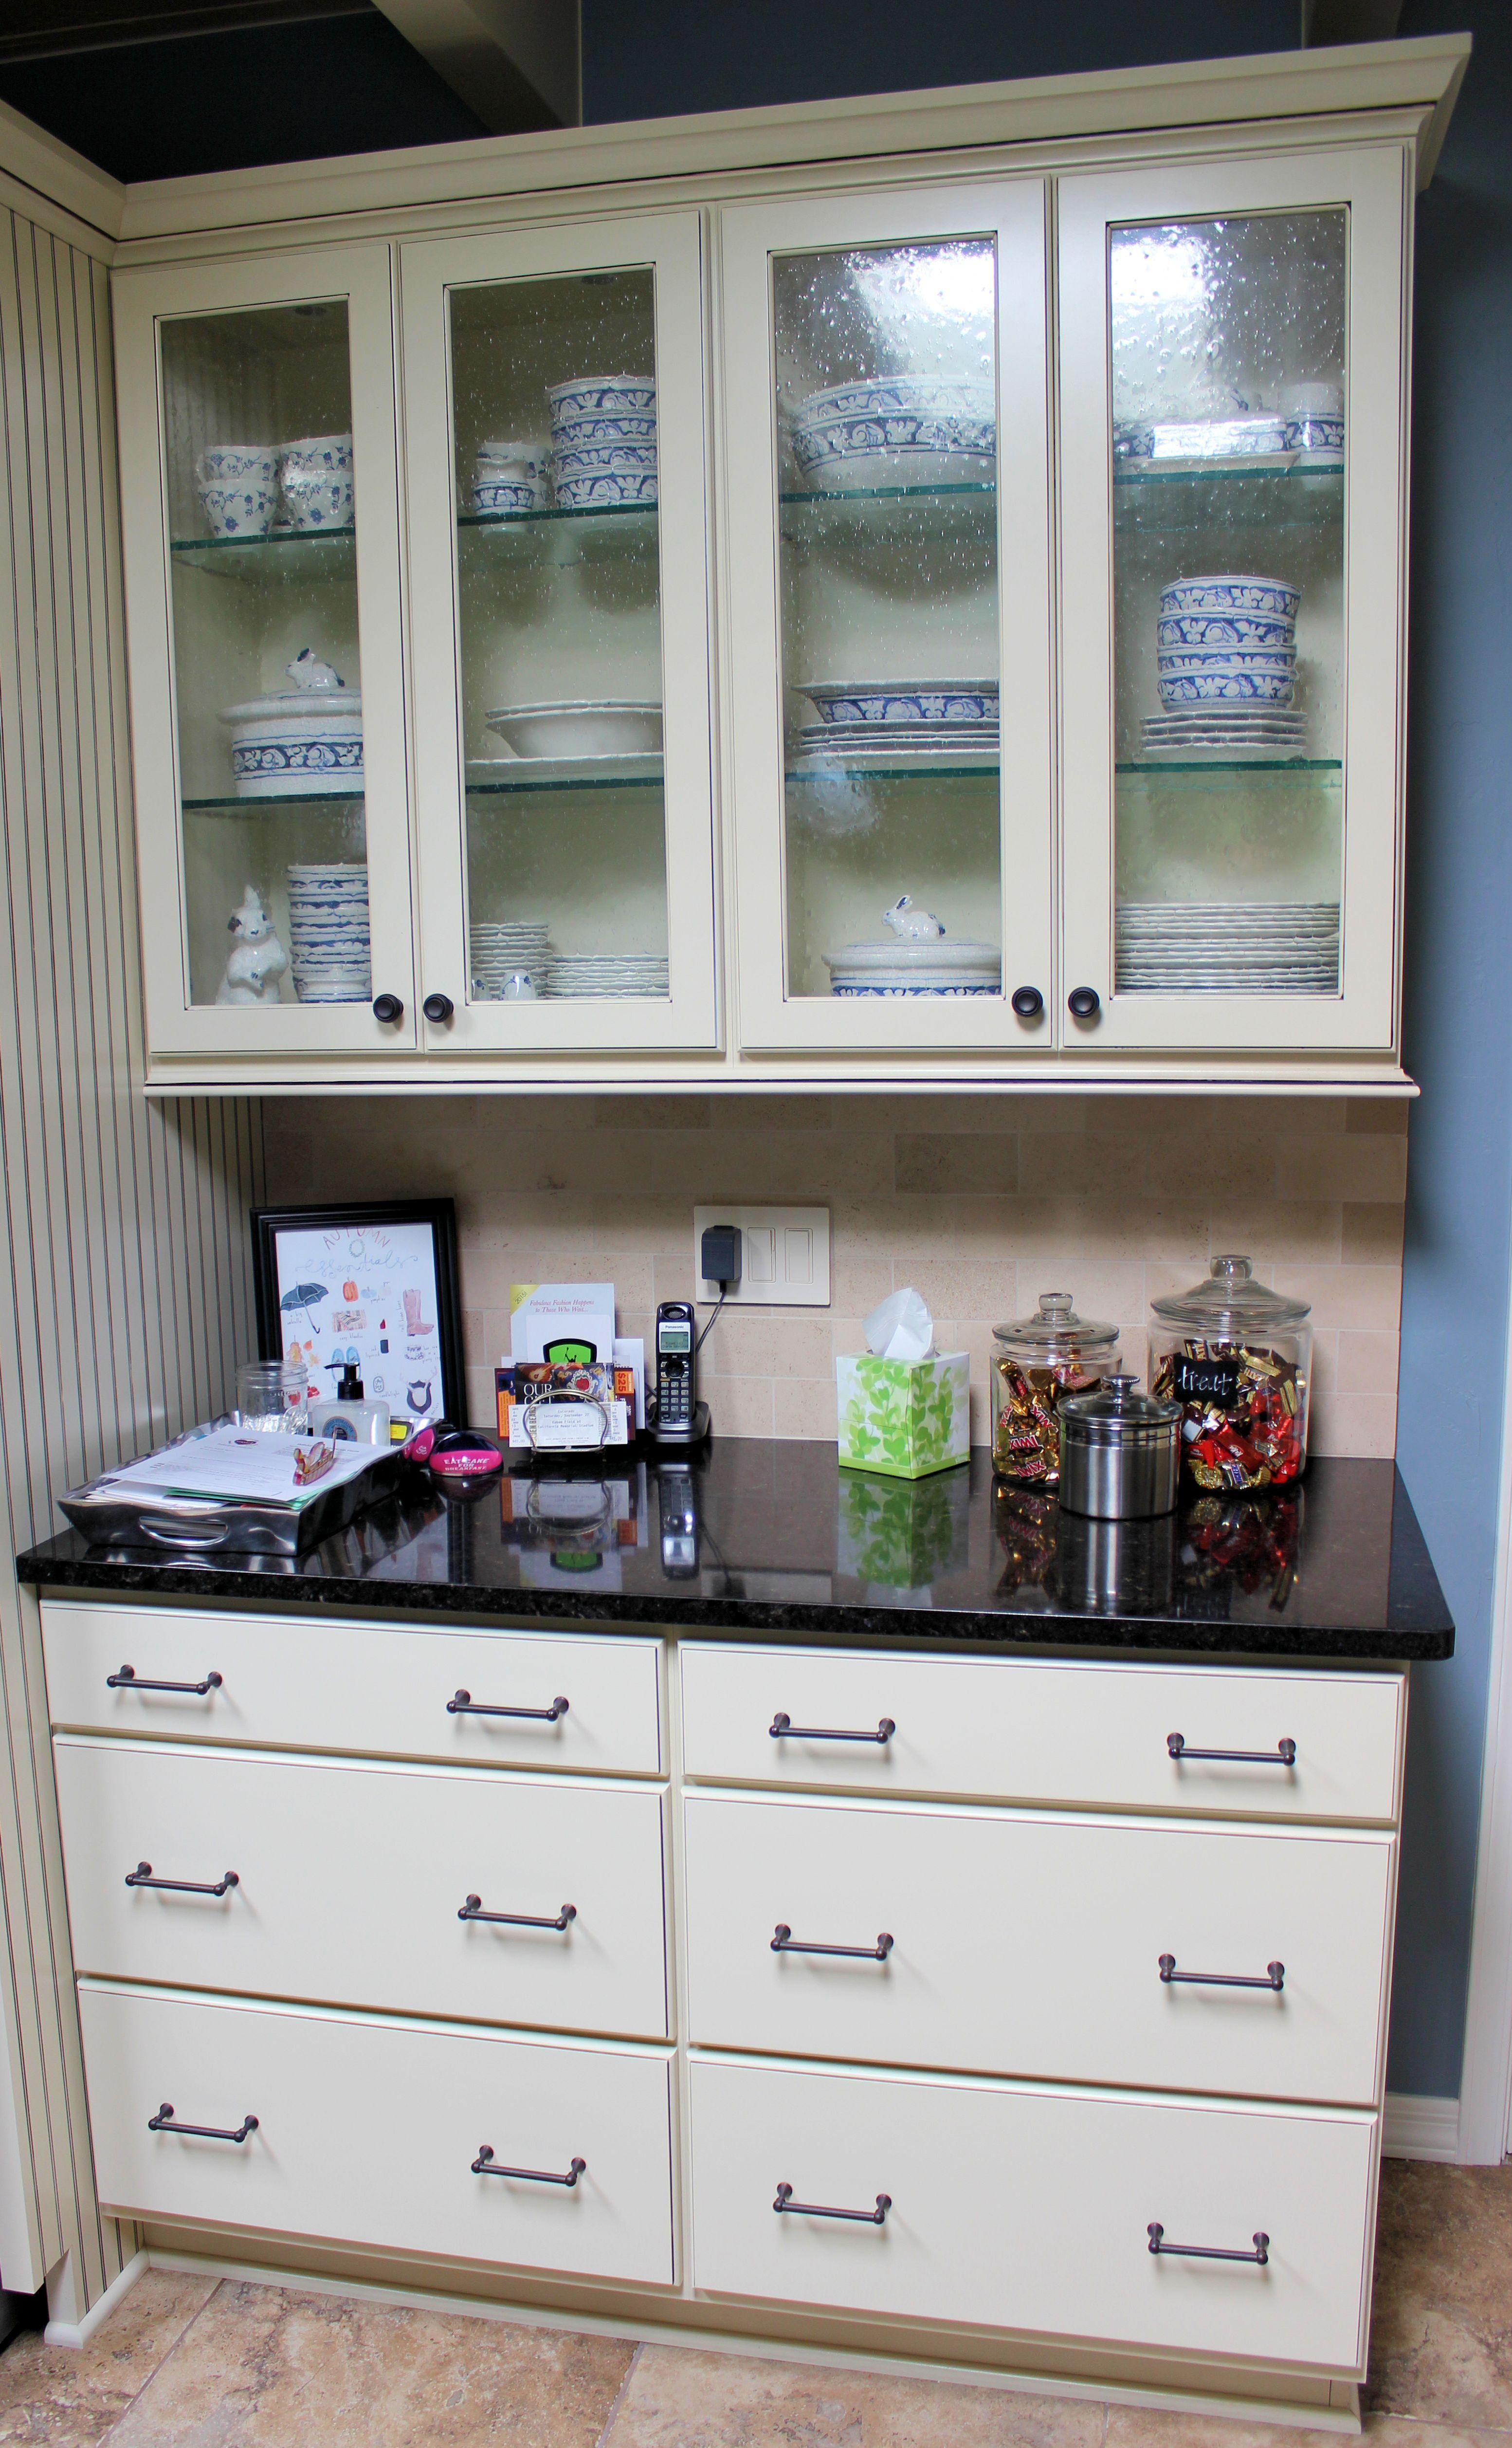 Kitchen Concepts image 9